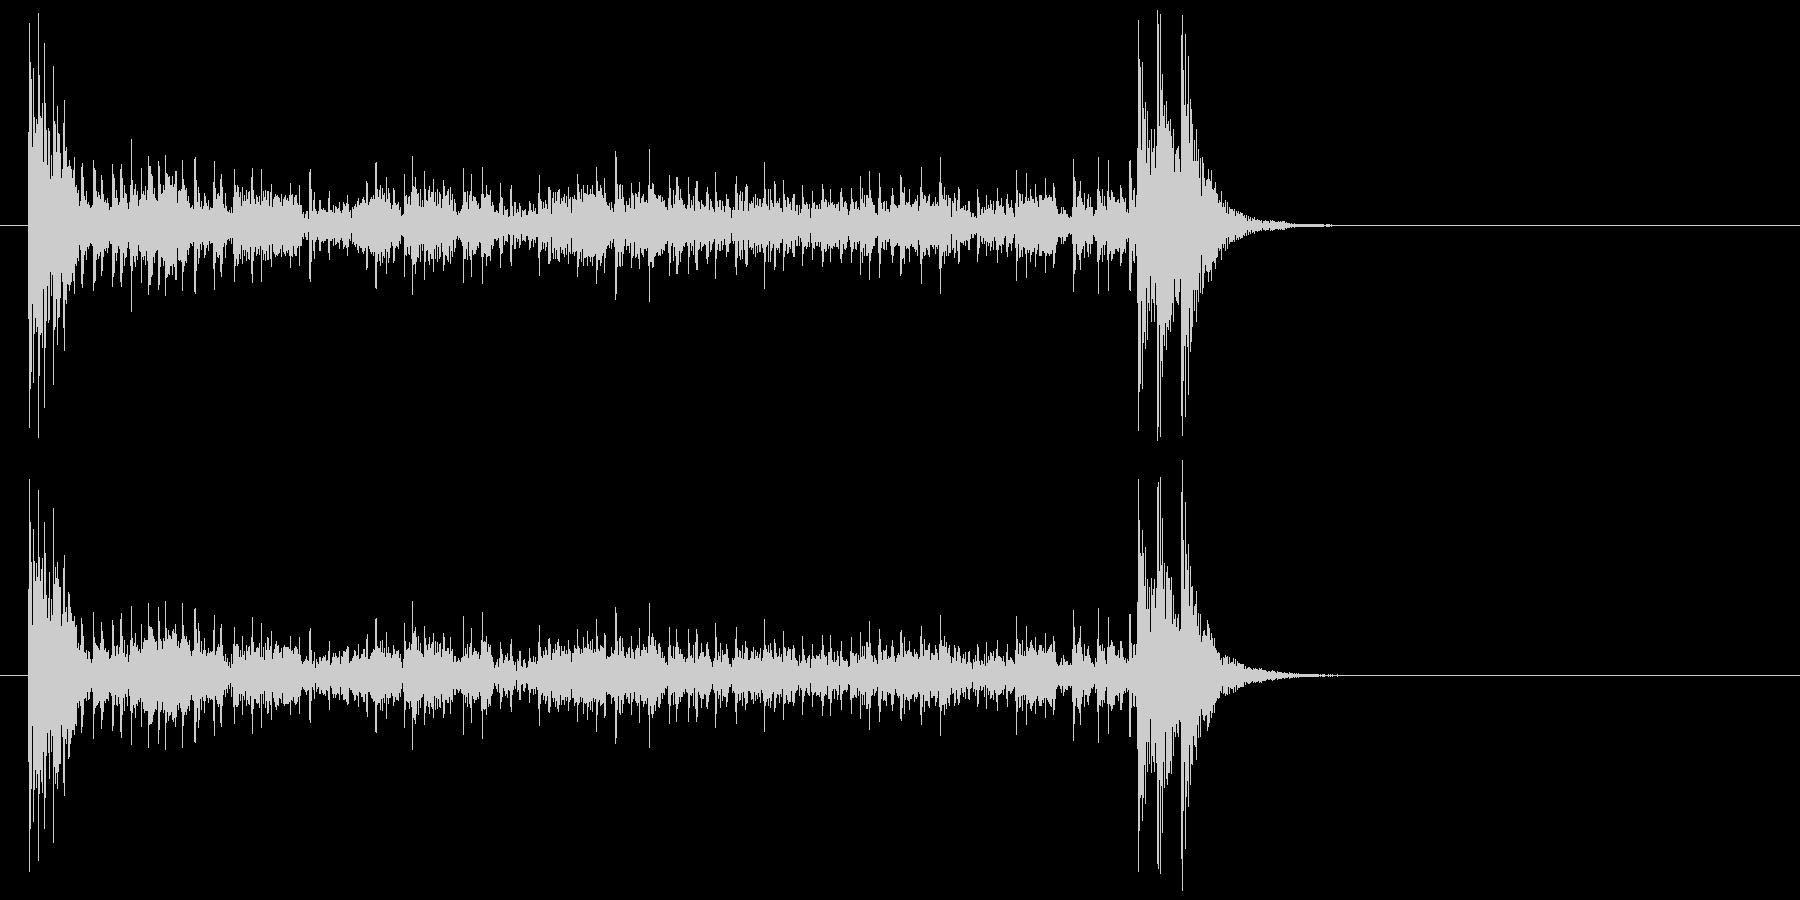 結果発表ドコドコ・ロール10秒引っ張るの未再生の波形